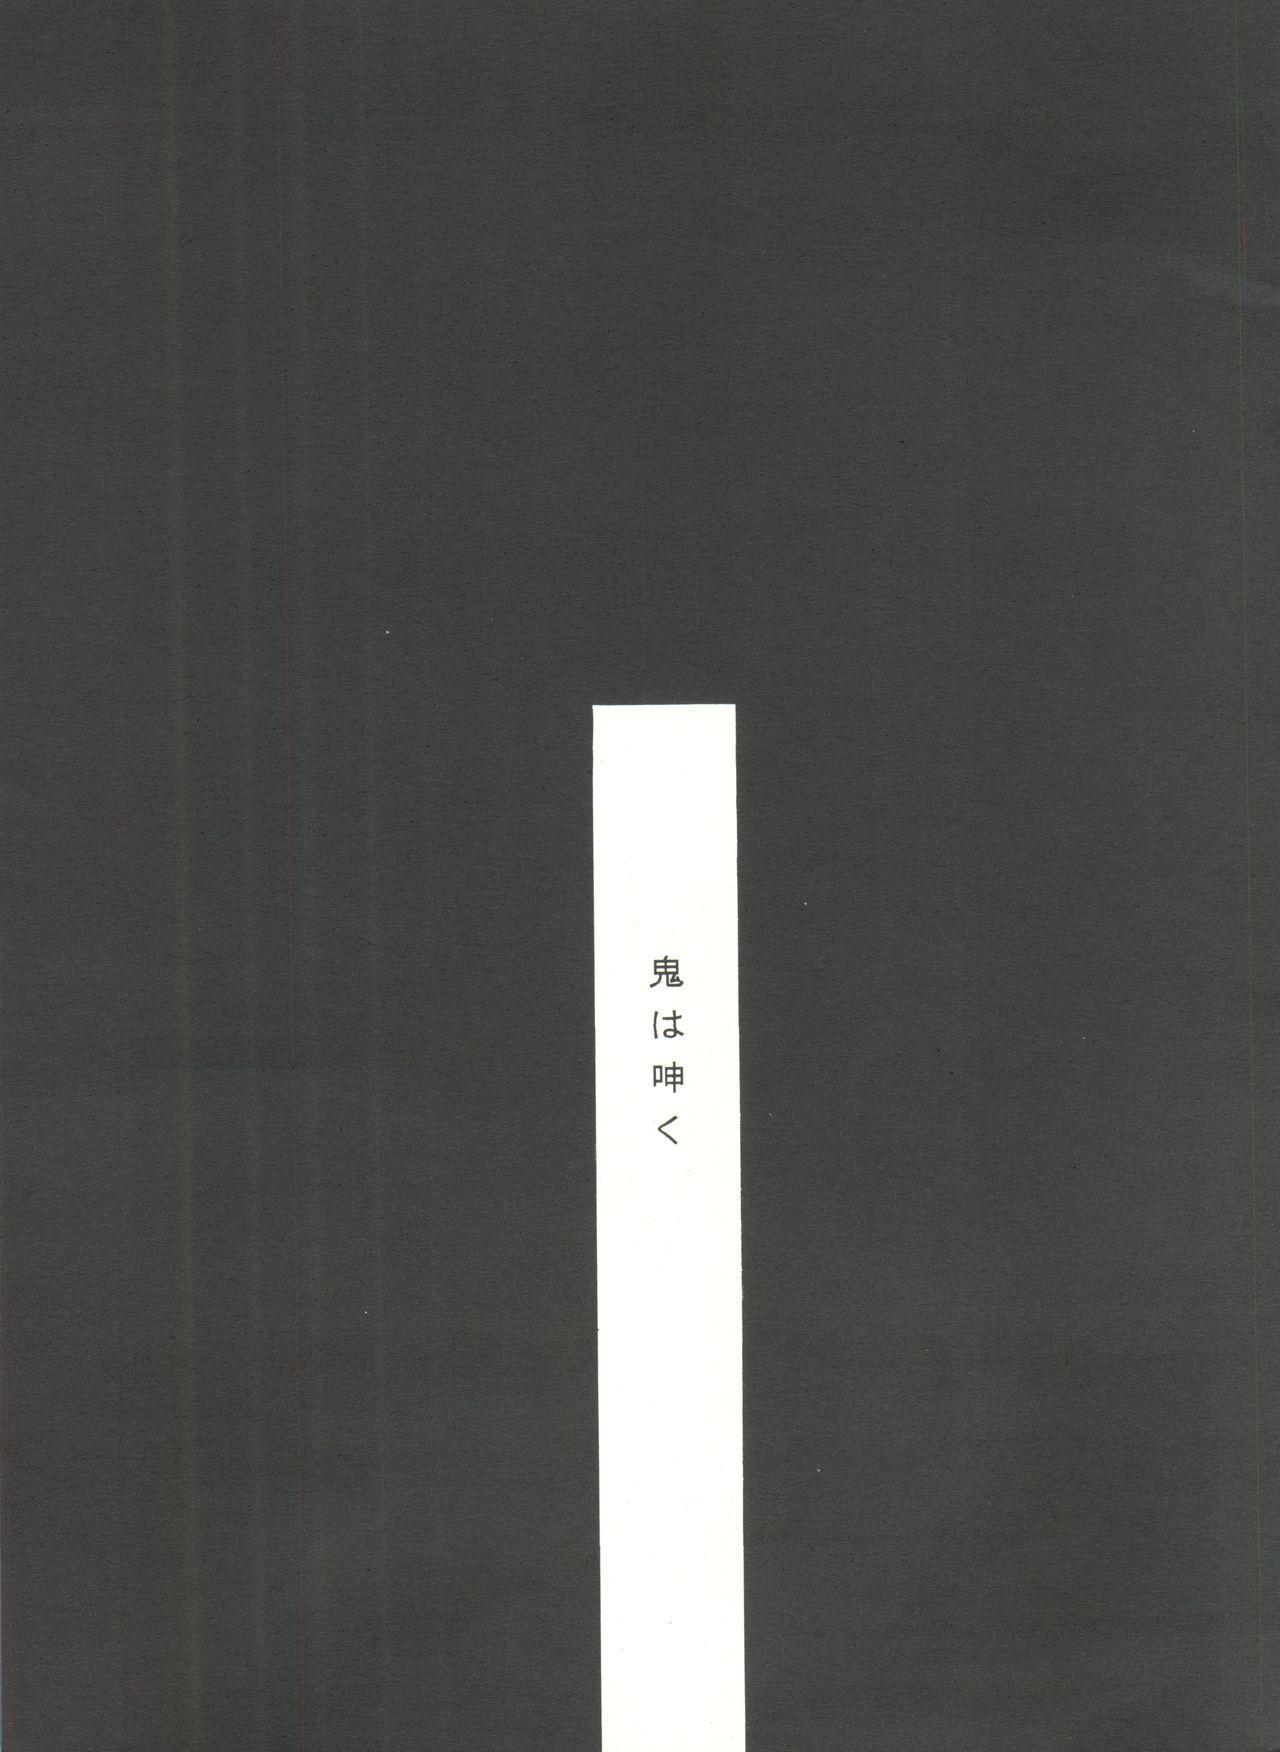 Higurashi no Naku ya ni 20